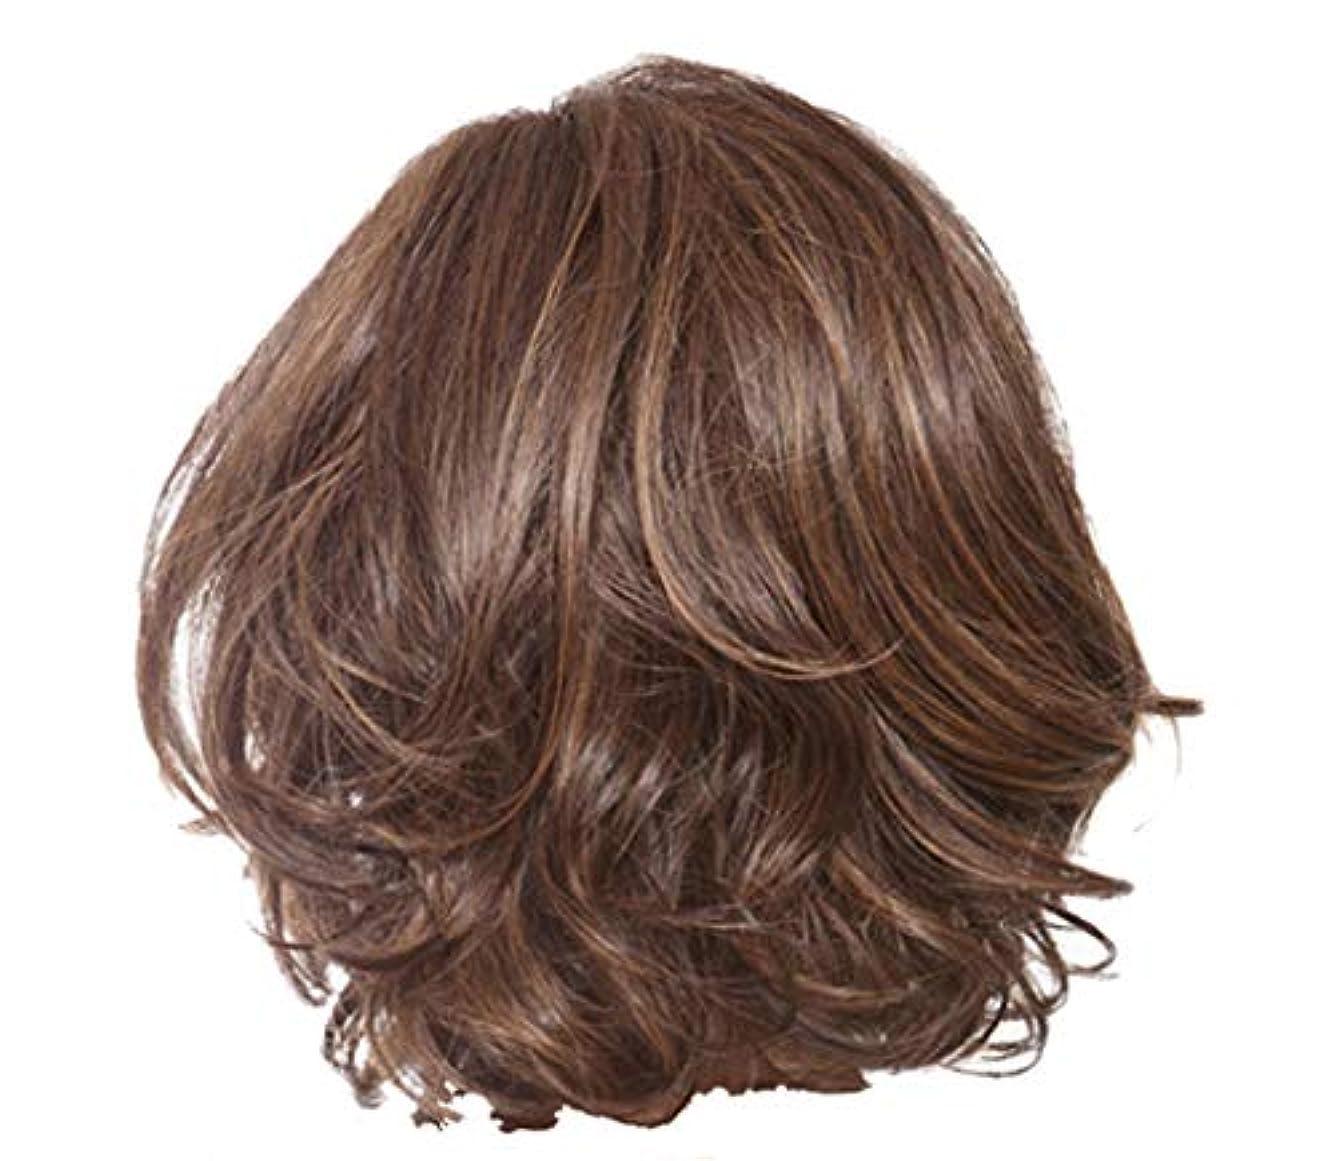 ウィッグ女性のセクシーな短い巻き毛のかつらクールなハンサムなかつら36 cm